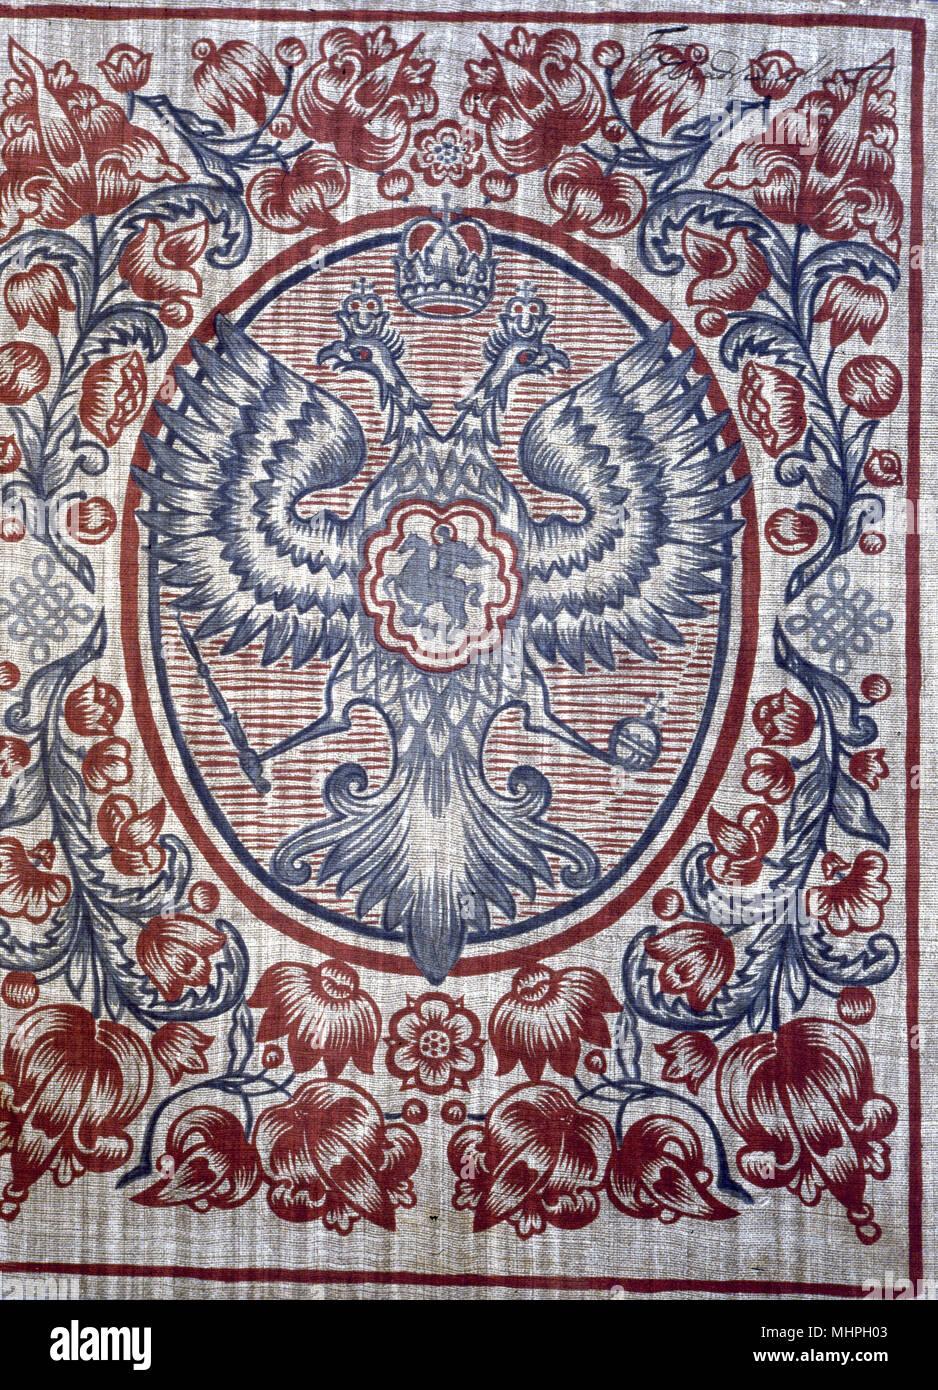 Die Imperialen Russischen Wappen (Romanov Familie) In Rot, Blau Und Weiß,  Ein